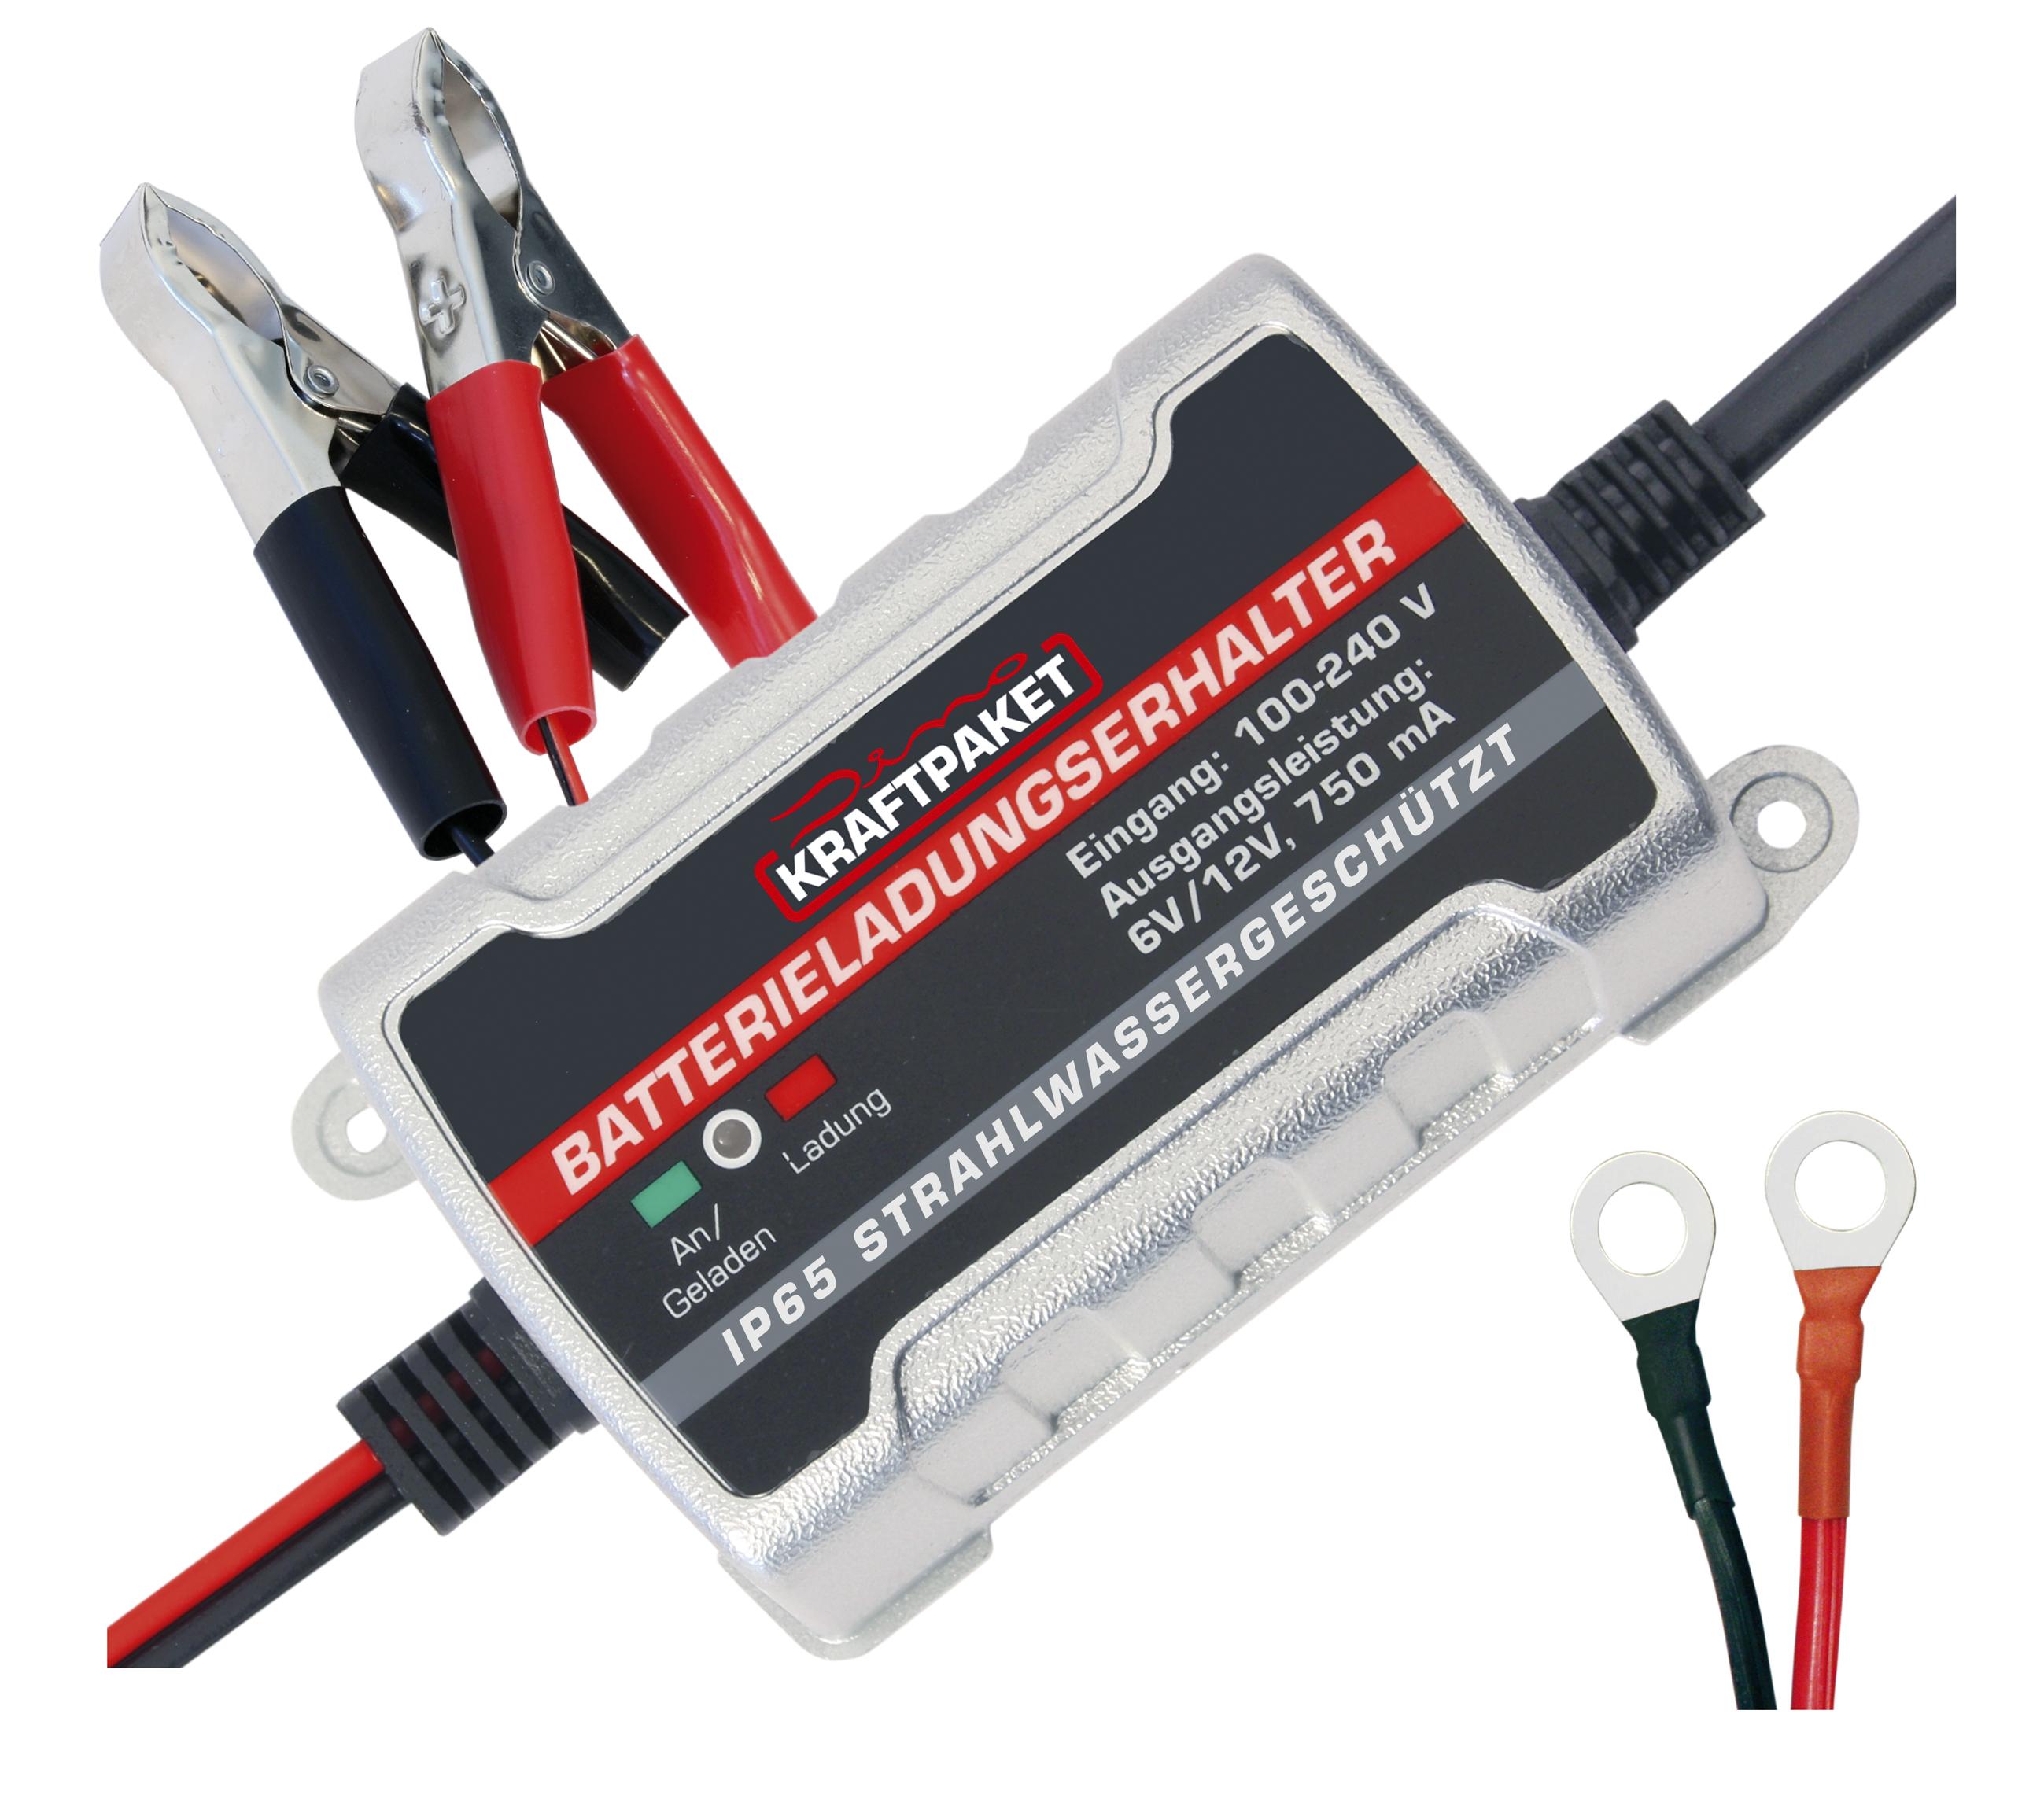 Dino Kraftpaket Batterie Erhaltungsgerät Batterieladungshalter 6V 12V 136303